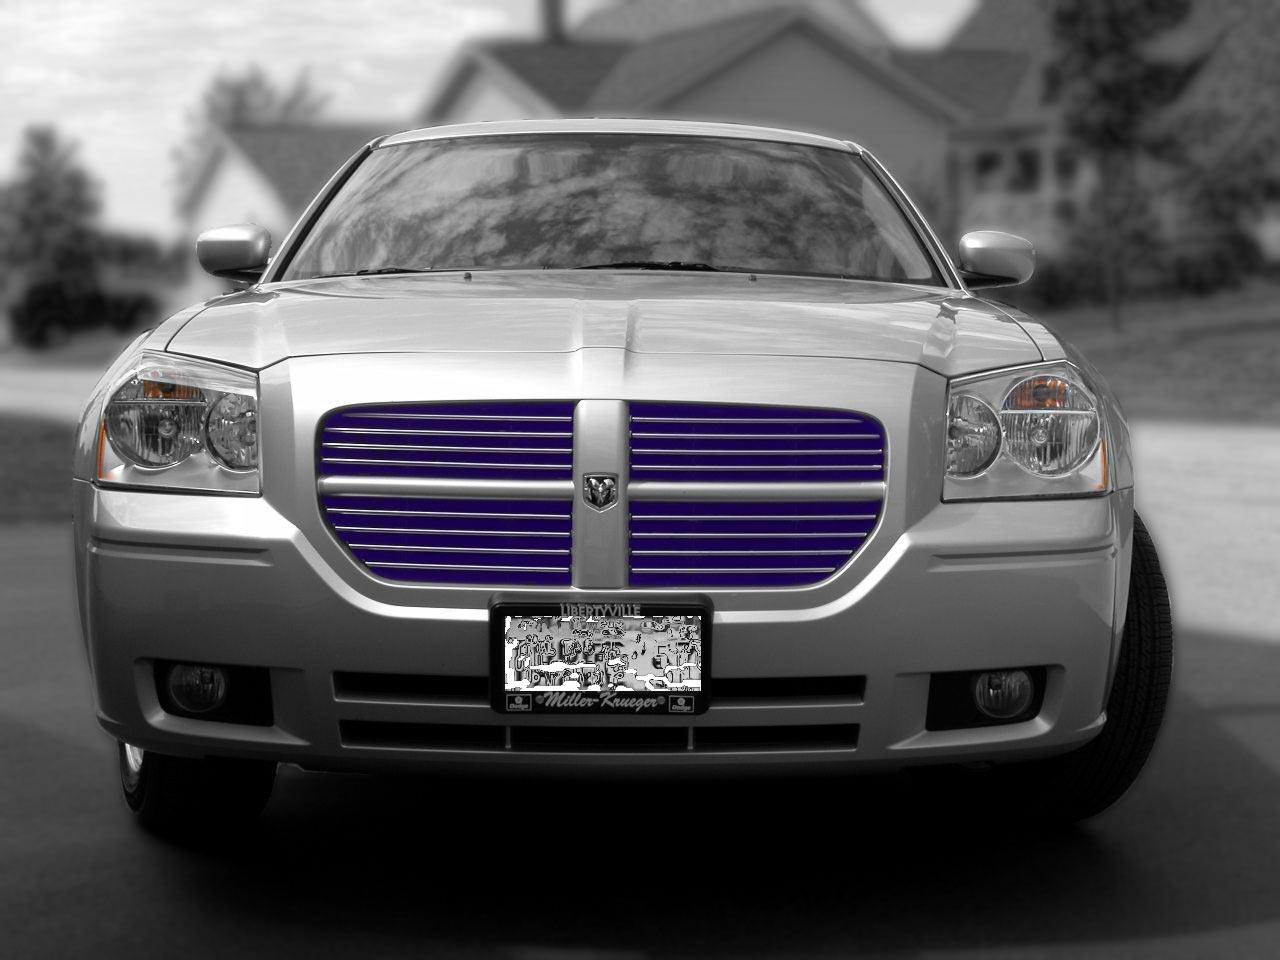 2006 Dodge Magnum - Pictures - 2006 Dodge Magnum SXT AWD pict ...